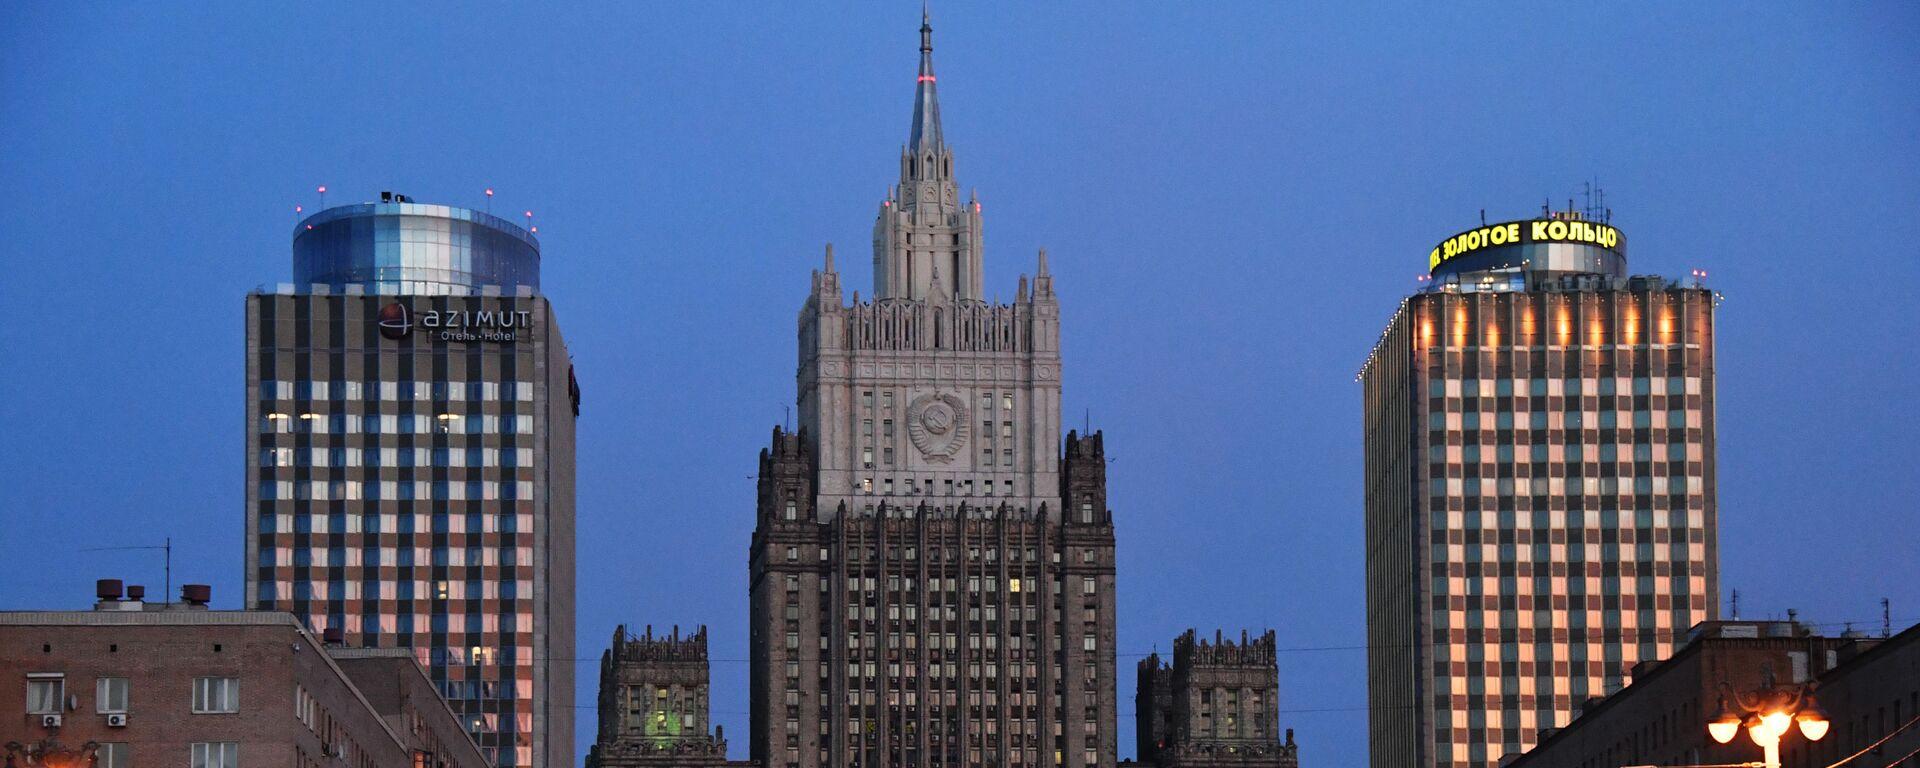 Il ministero degli Affari esteri della Federazione Russa - Sputnik Italia, 1920, 21.04.2021